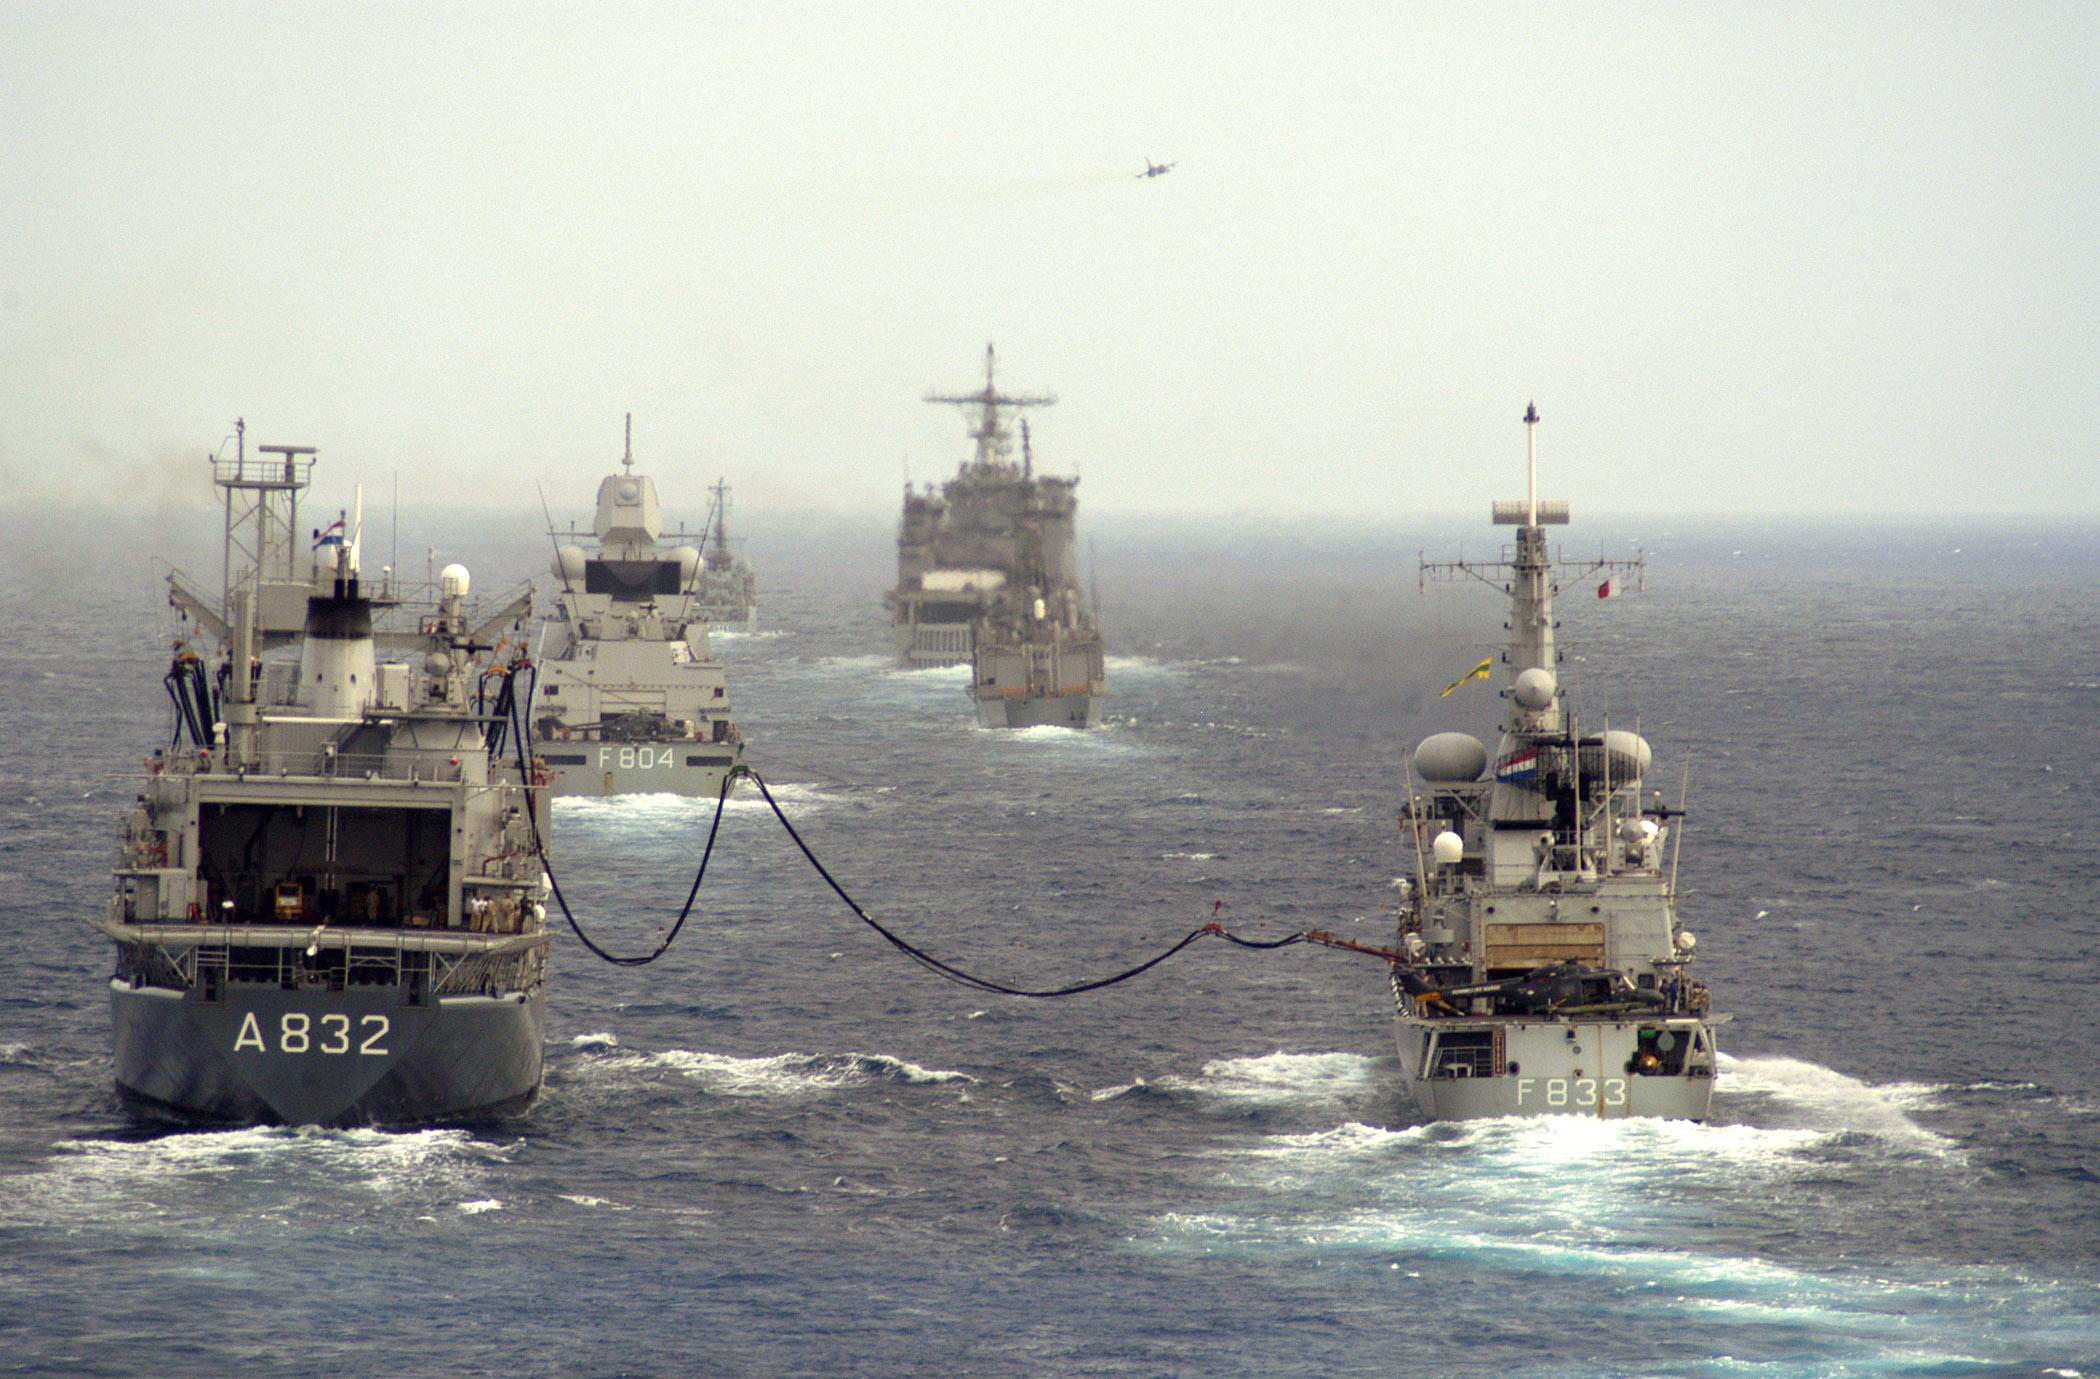 Bewaffnung Die GepardKlasse war mit vier Seezielflugkörpern Exocet und dem Führungs und Waffeneinsatzsystem Automatisches Gefechts und Informationssystem für Schnellboote AGIS zur Koordinierung des Feuerkampfes mit anderen Einheiten ausgestattet